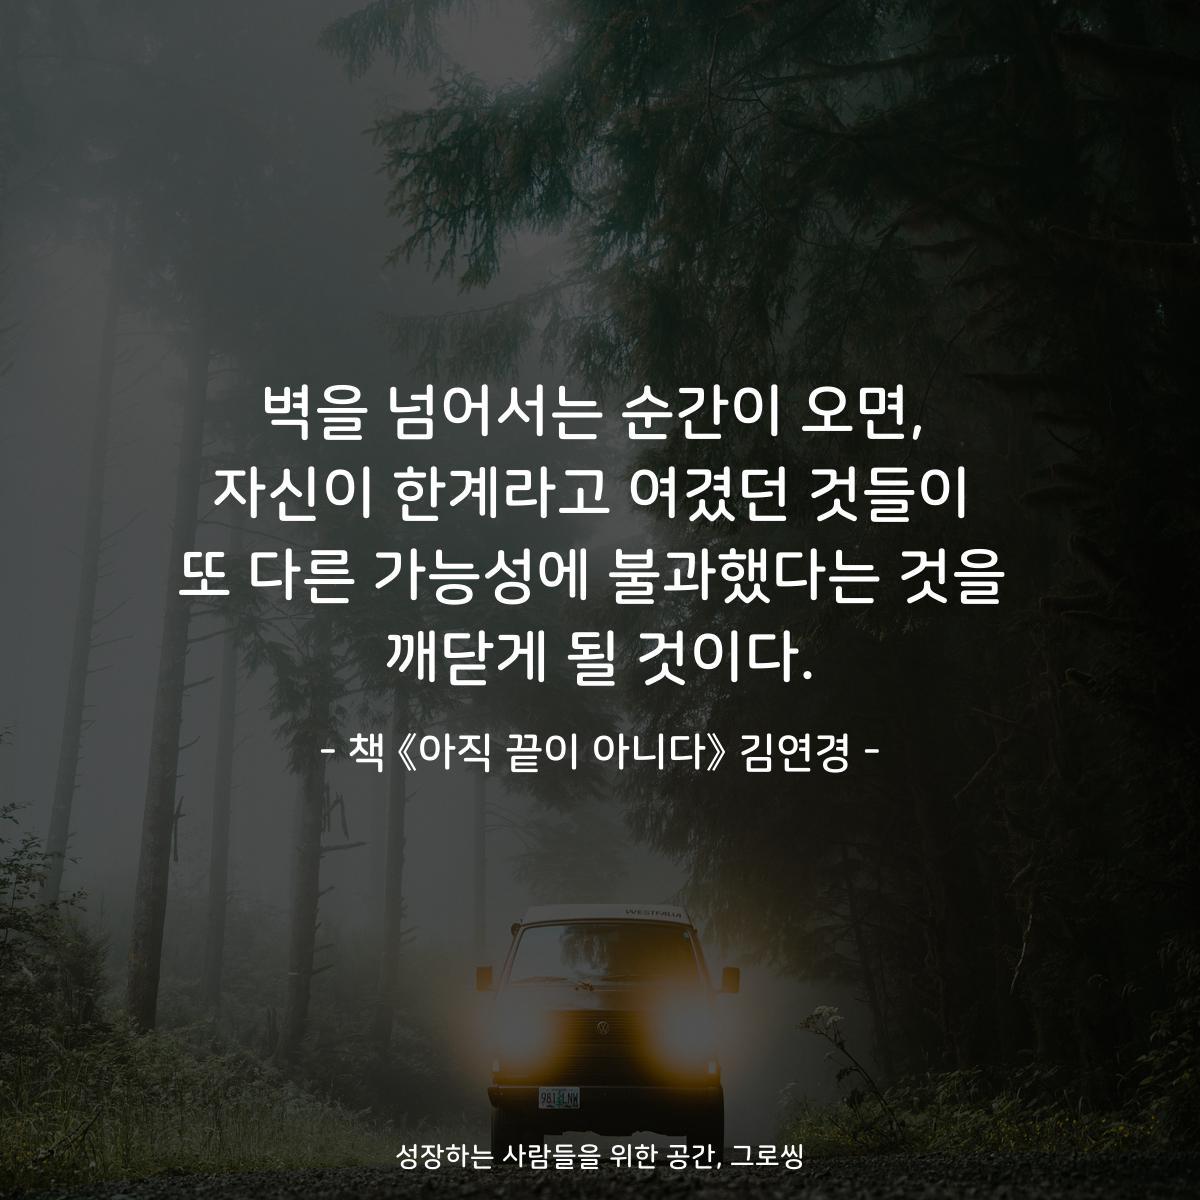 벽을 넘어서는 순간이 오면, 자신이 한계라고 여겼던 것들이 또 다른 가능성에 불과했다는 것을 깨닫게 될 것이다.